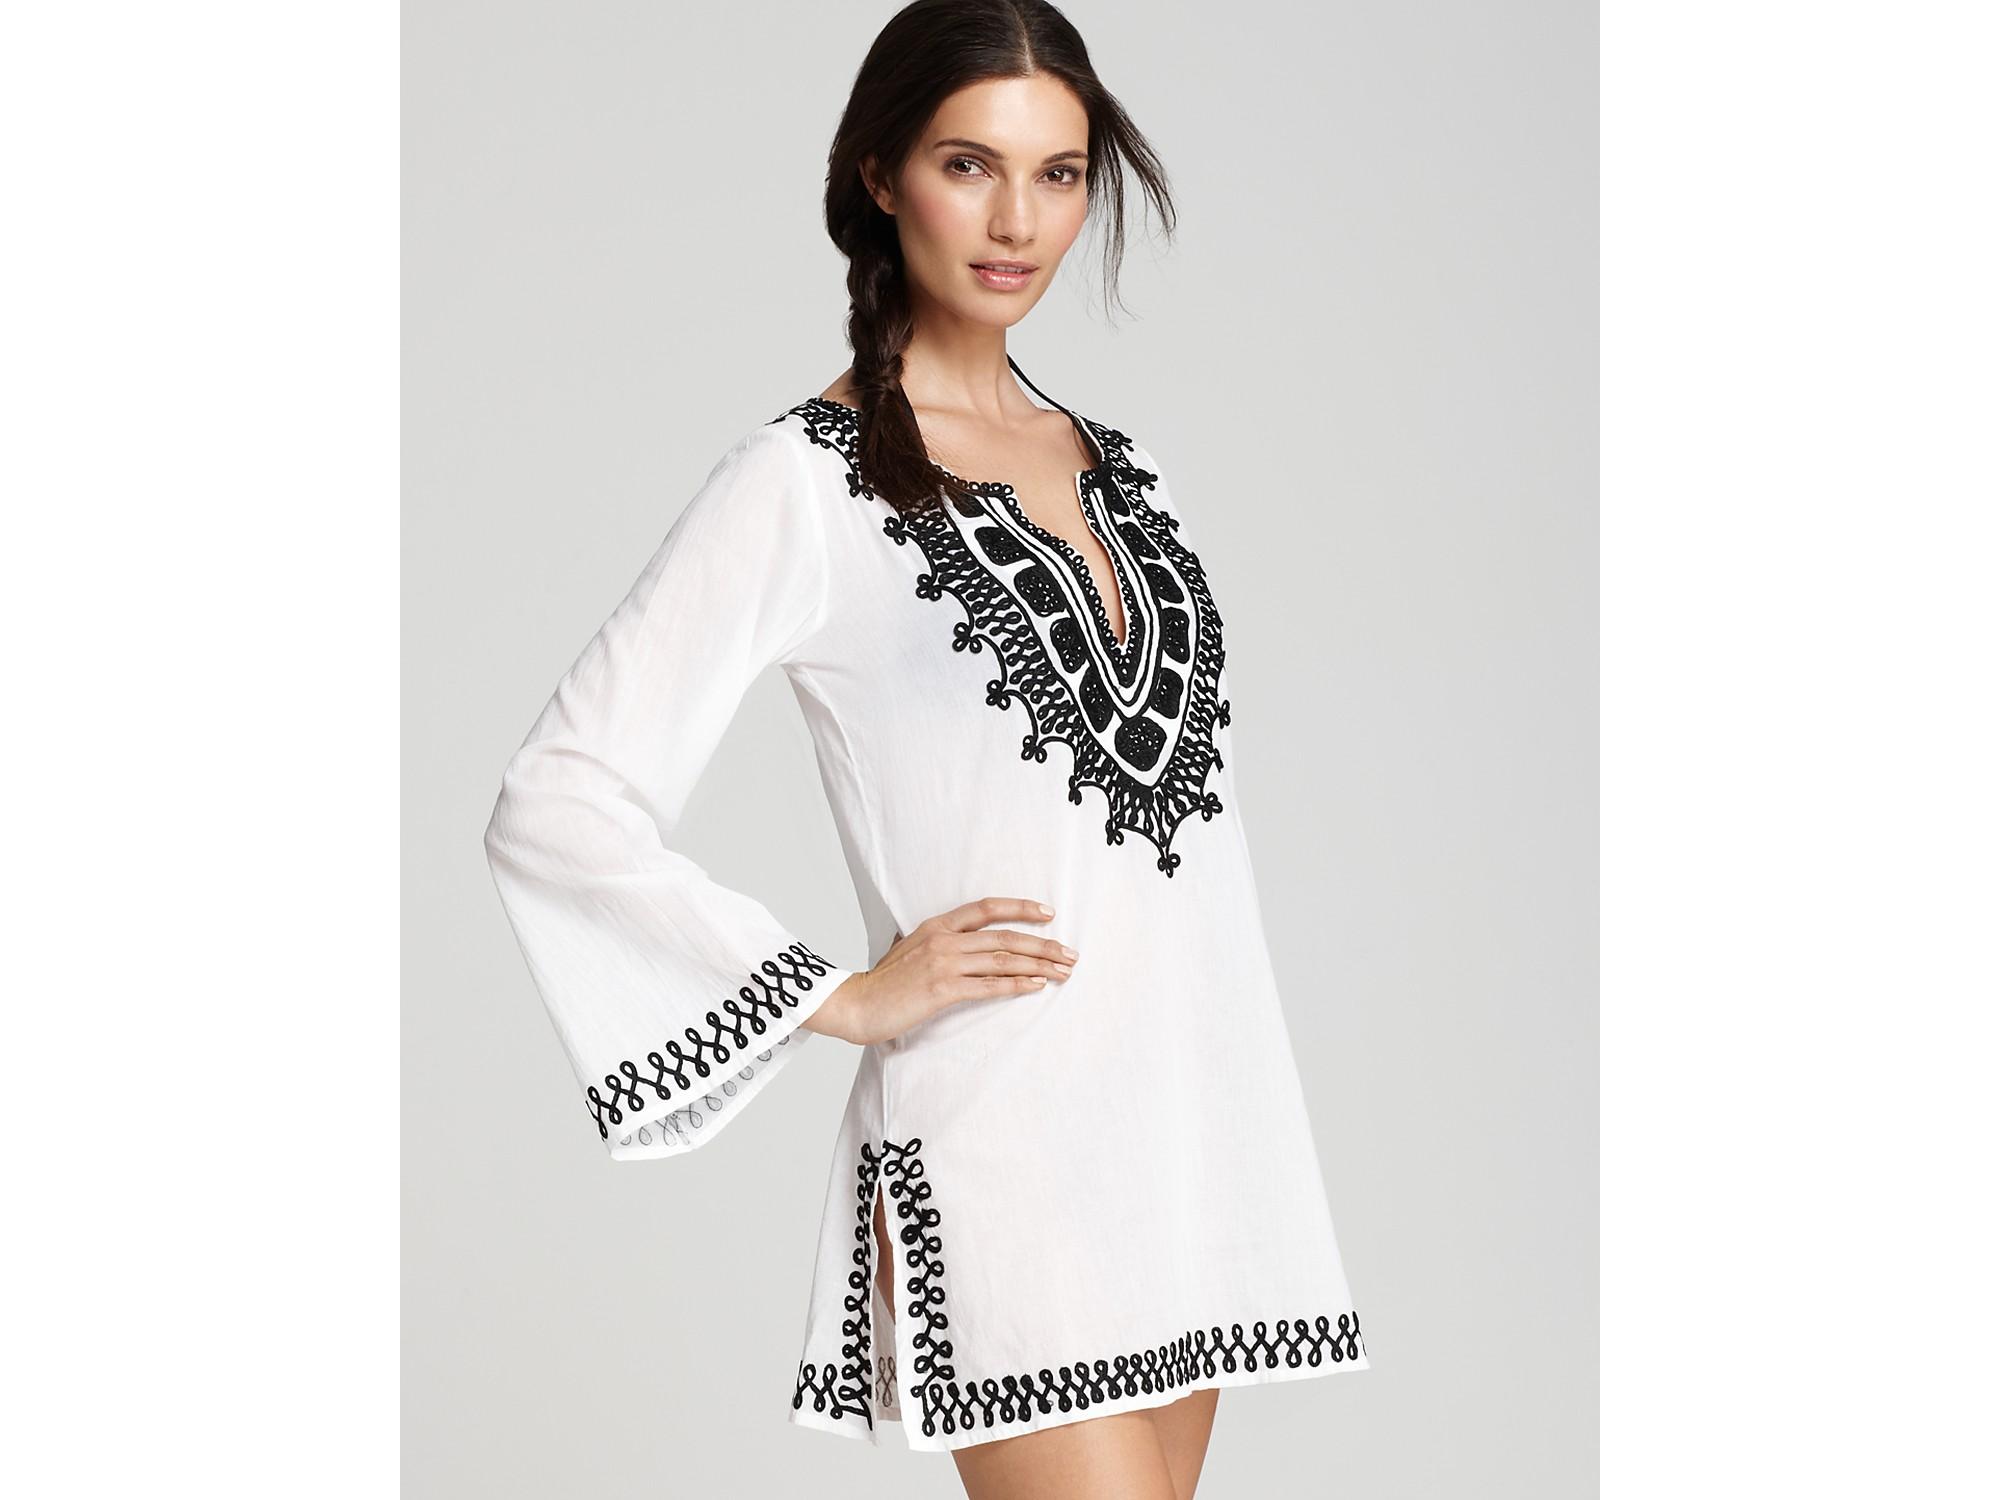 Lyst - Debbie Katz Sahara Embroidered Tunic in White